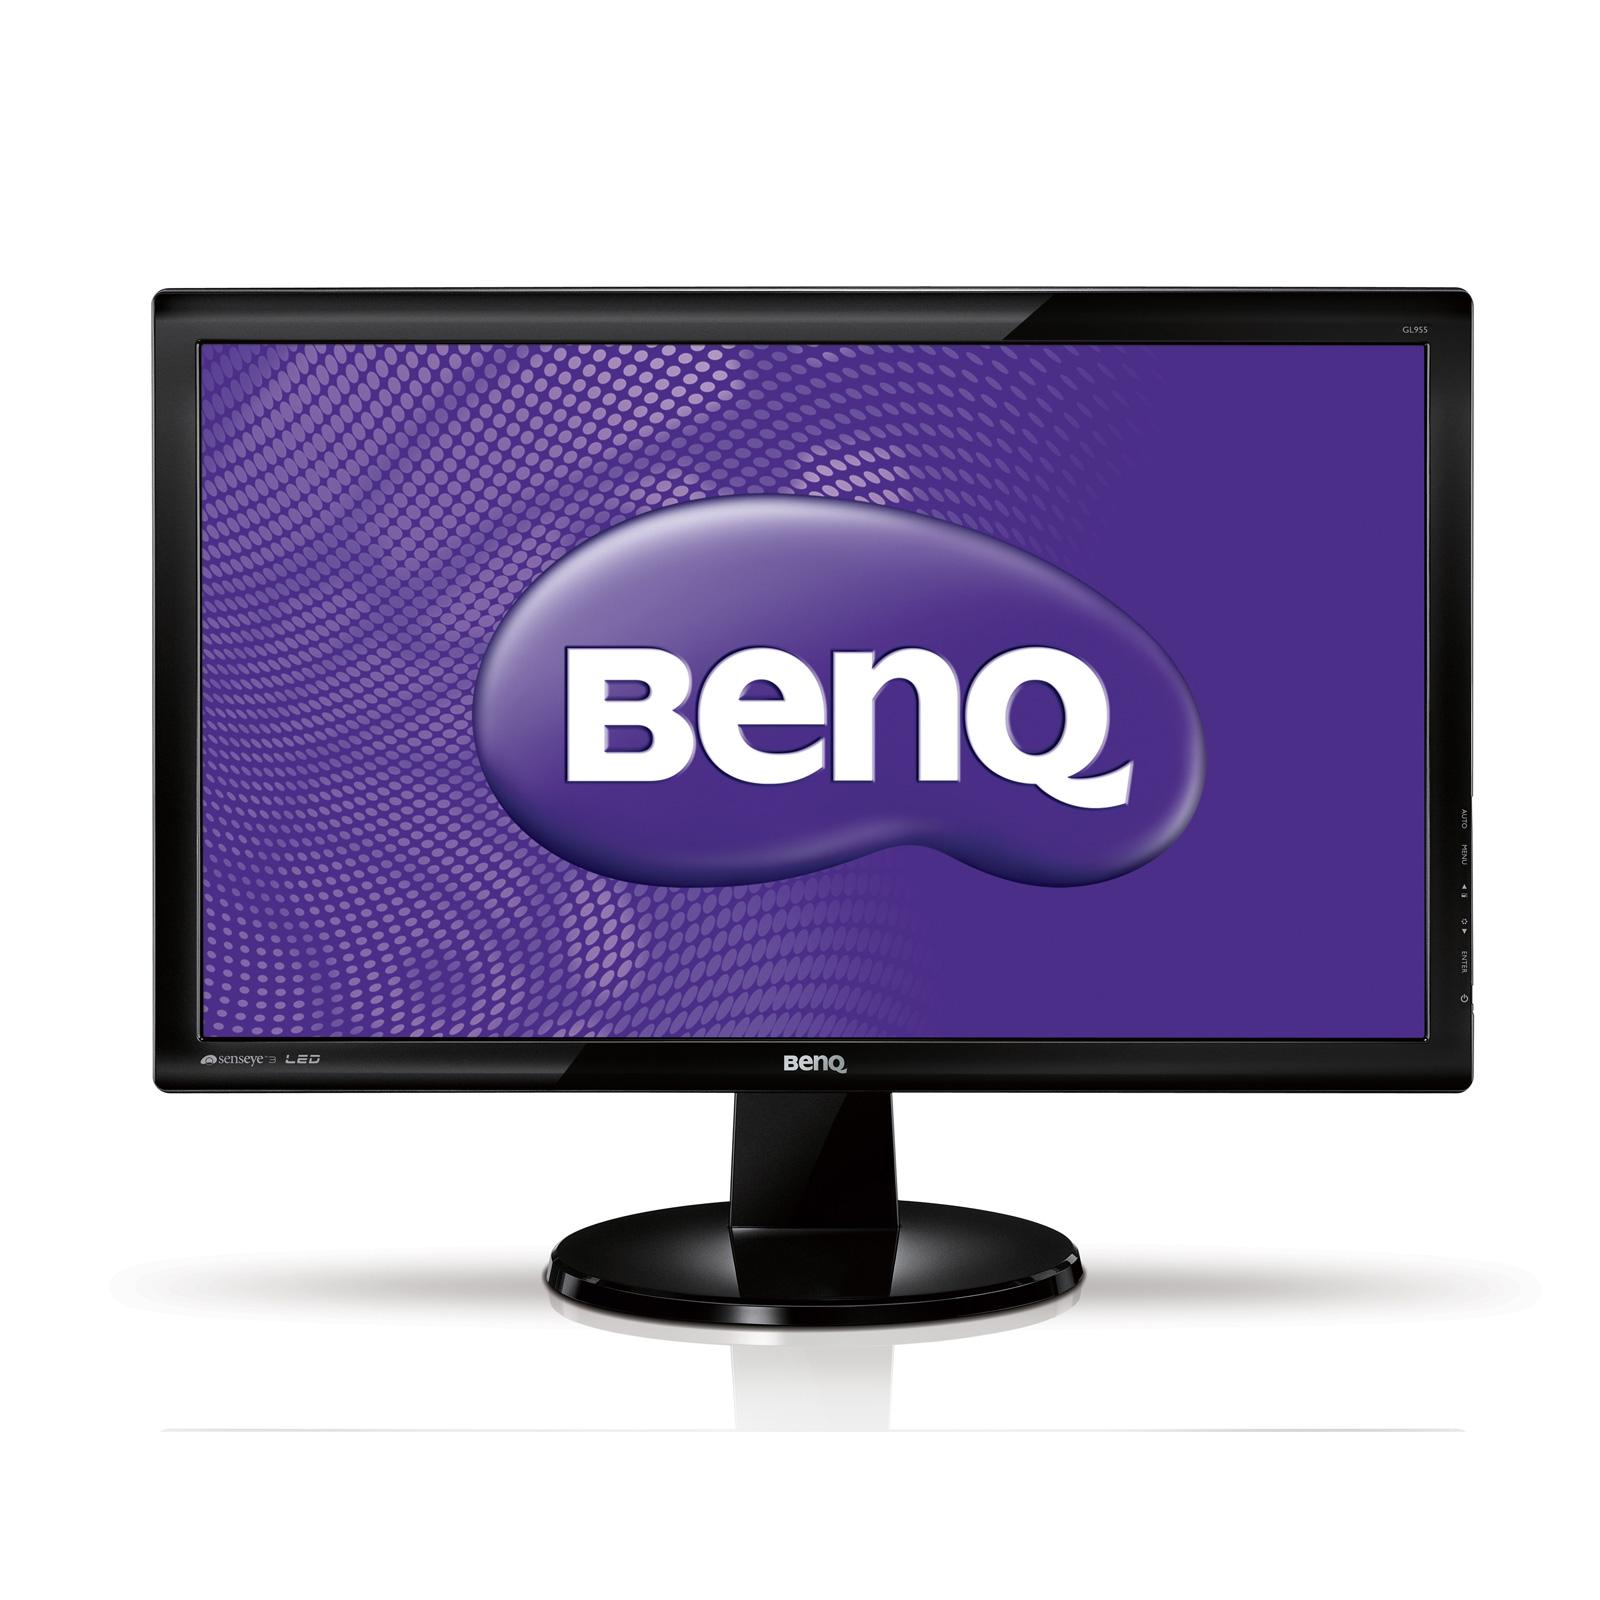 """Ecran PC BenQ 18.5"""" LED - GL955A 1366 x 768 pixels - 5 ms - Format large 16/9 - Noir (garantie constructeur 3 ans)"""